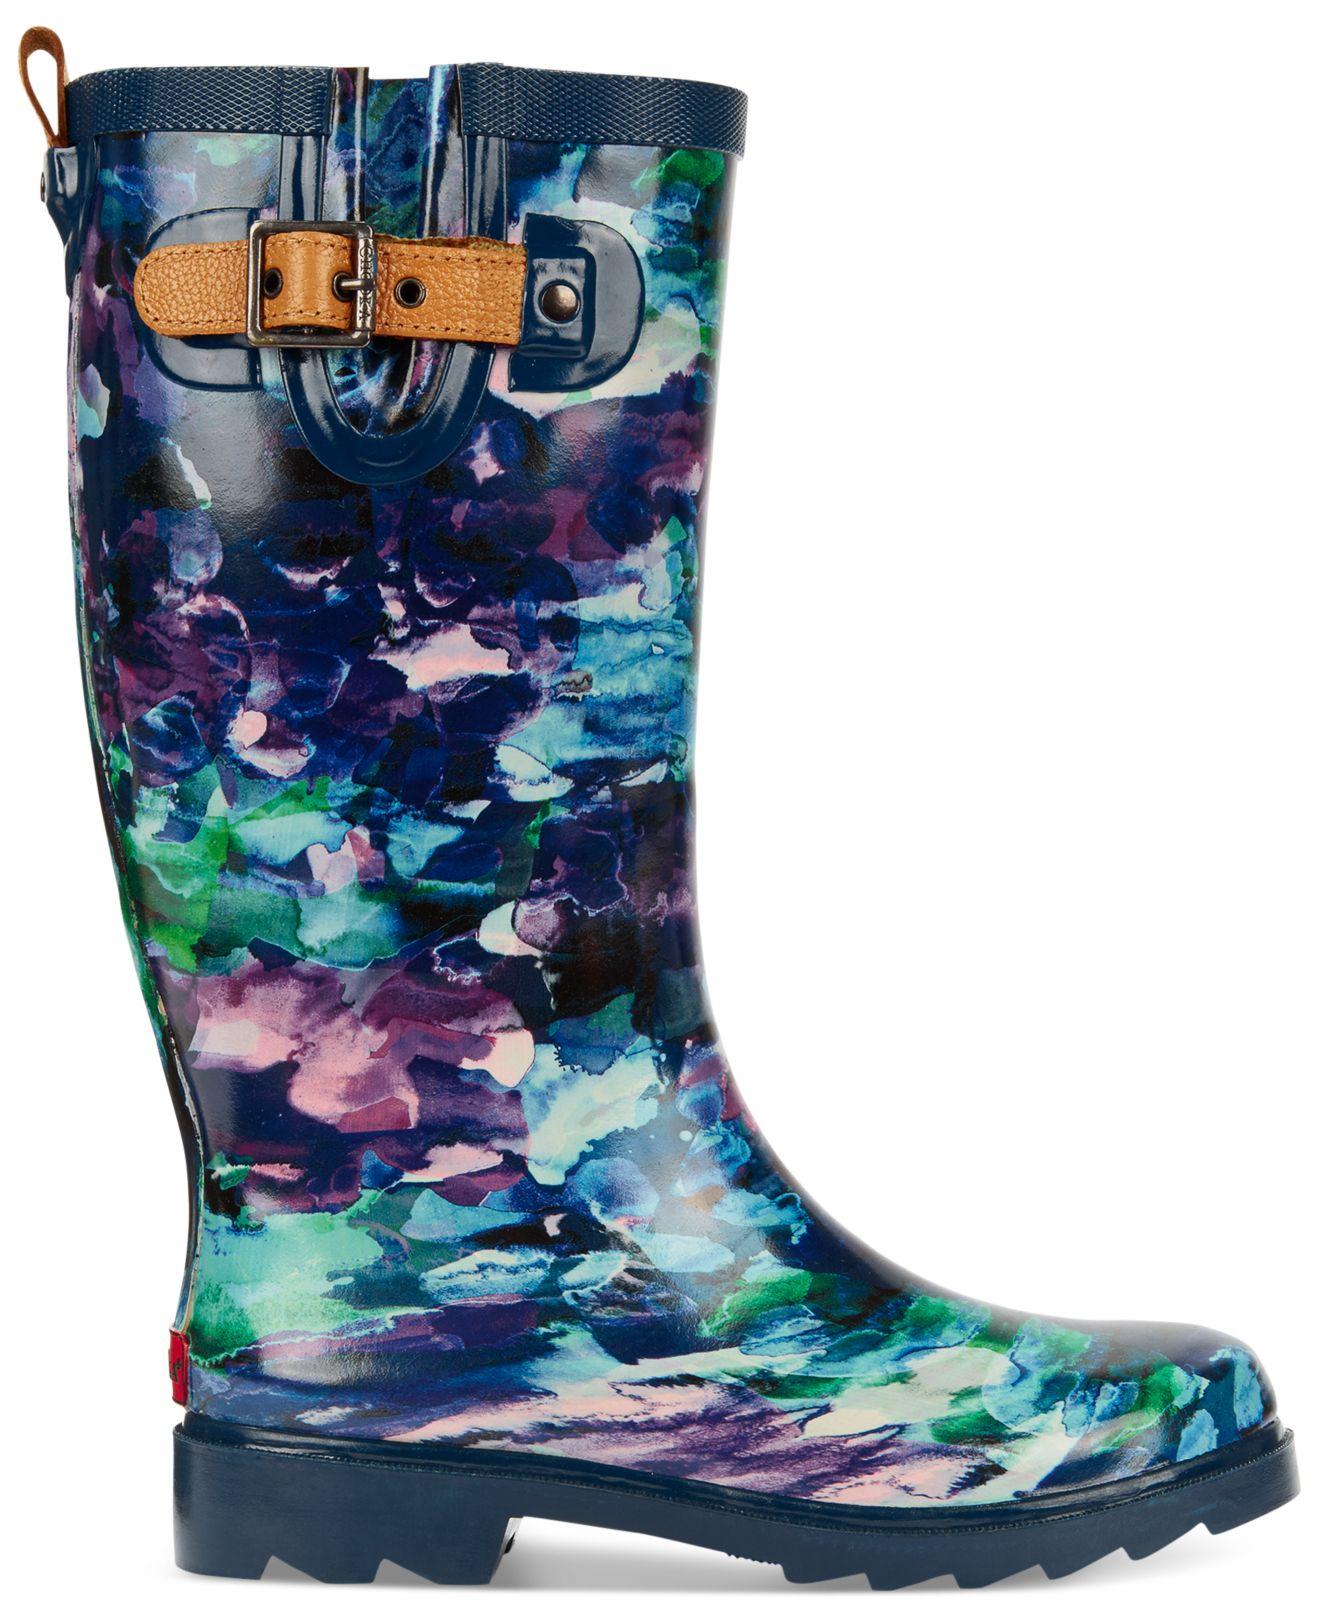 Chooka Print Tall Rain Boots | Lyst